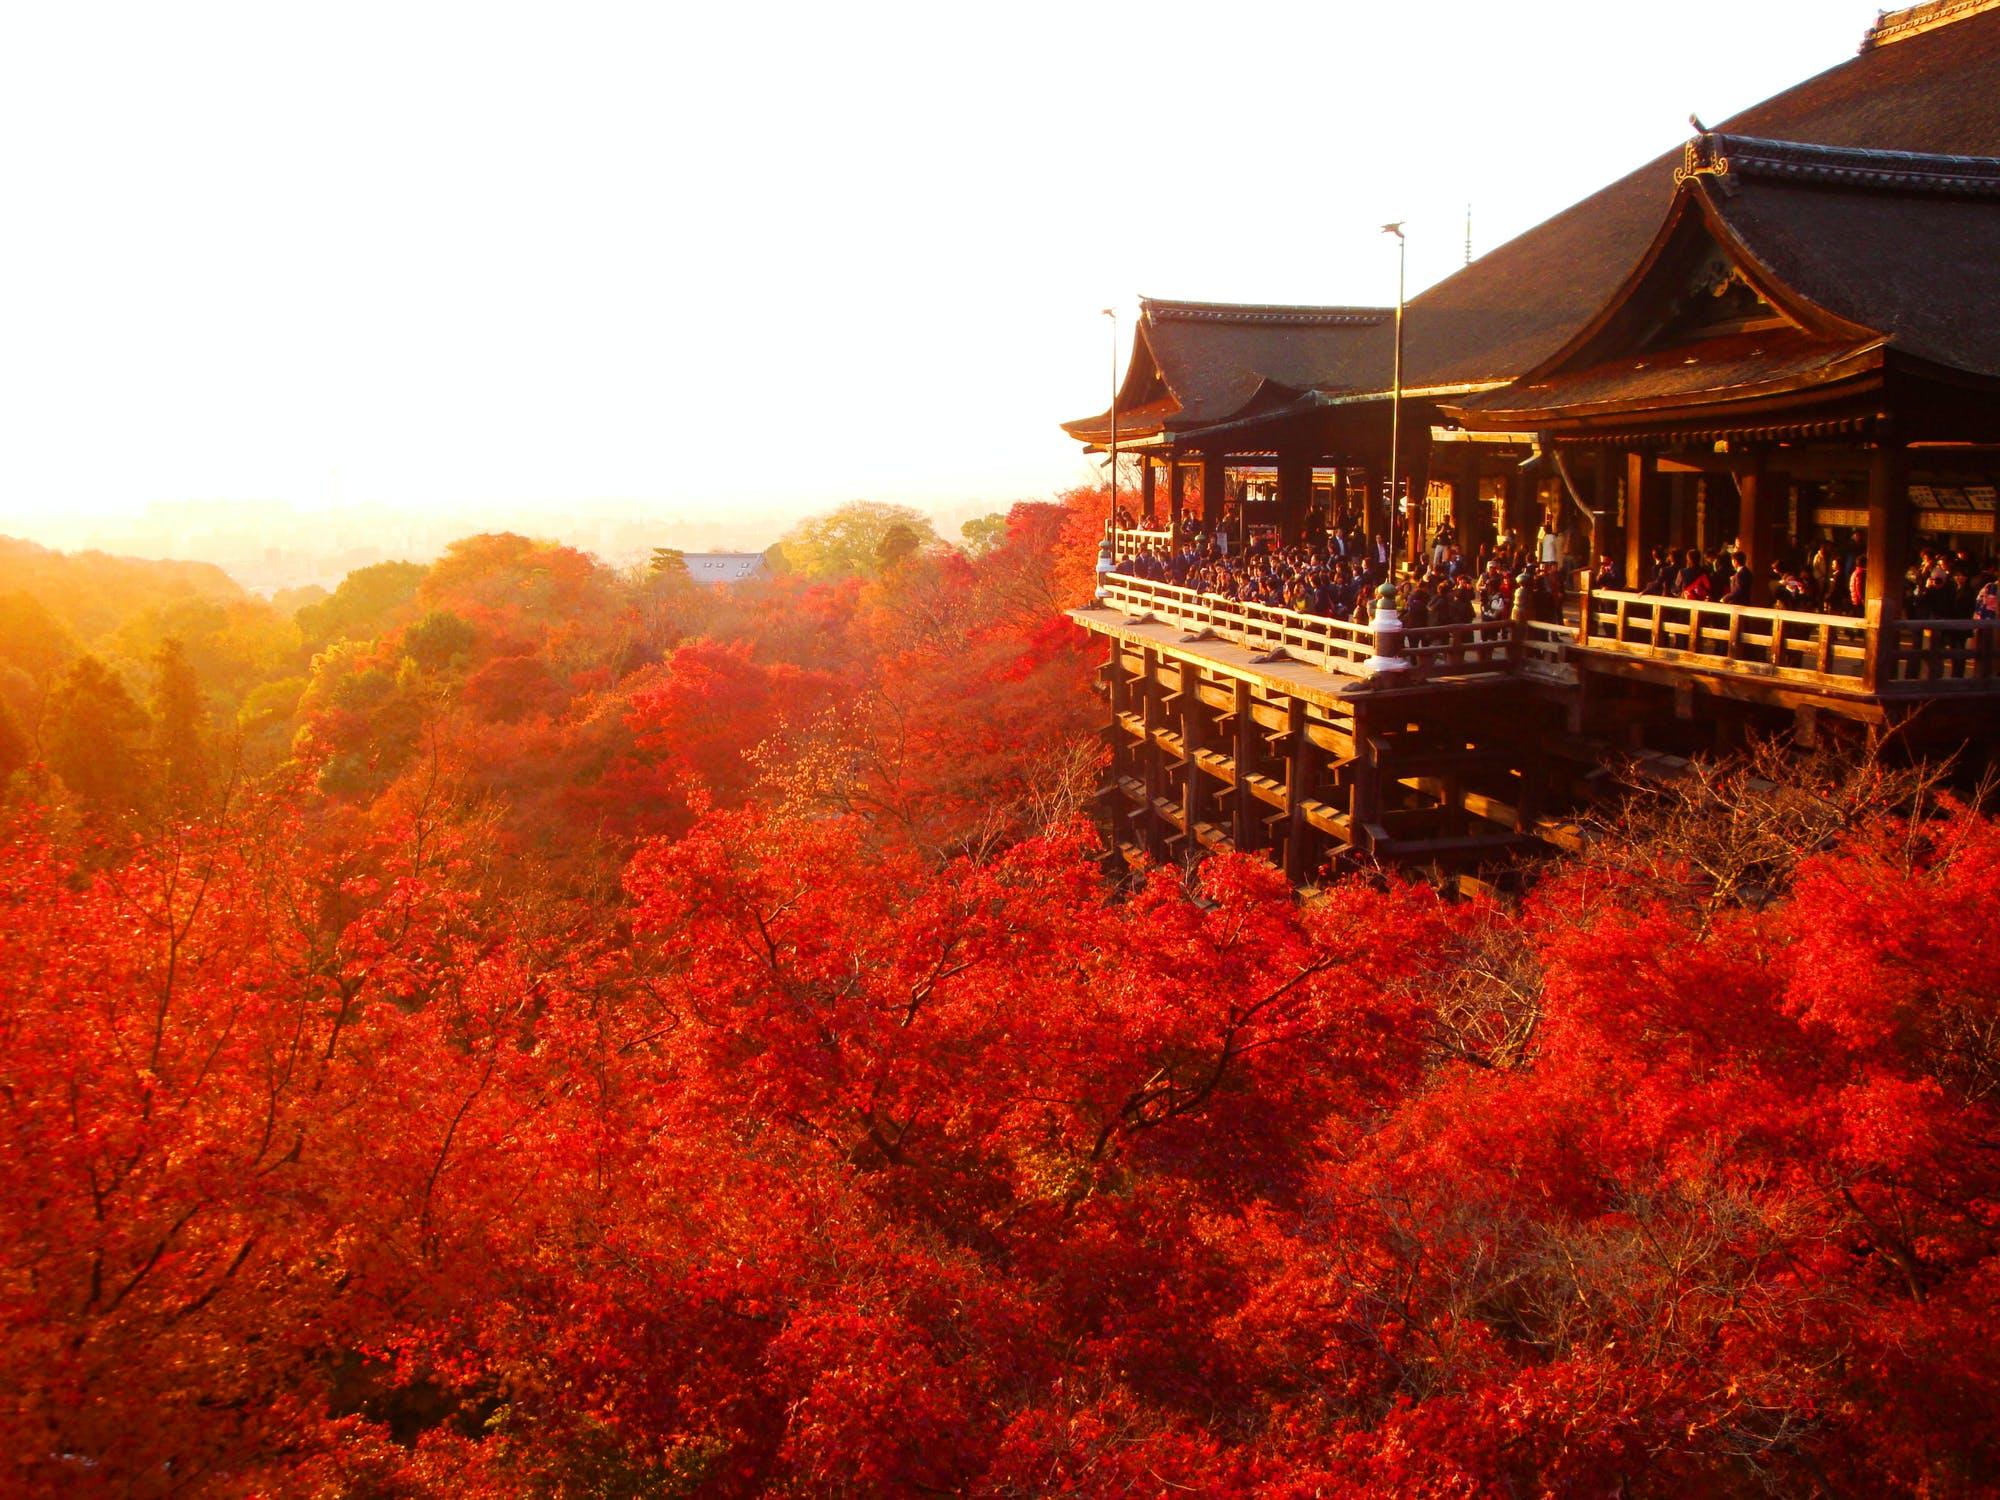 東福寺や嵐山、永観堂など人気の紅葉名所から、混雑を避けて紅葉を満喫できる穴場まで紅葉スポット20カ所を厳選!例年の見頃時期を元に、10月・11月・12月の月別で